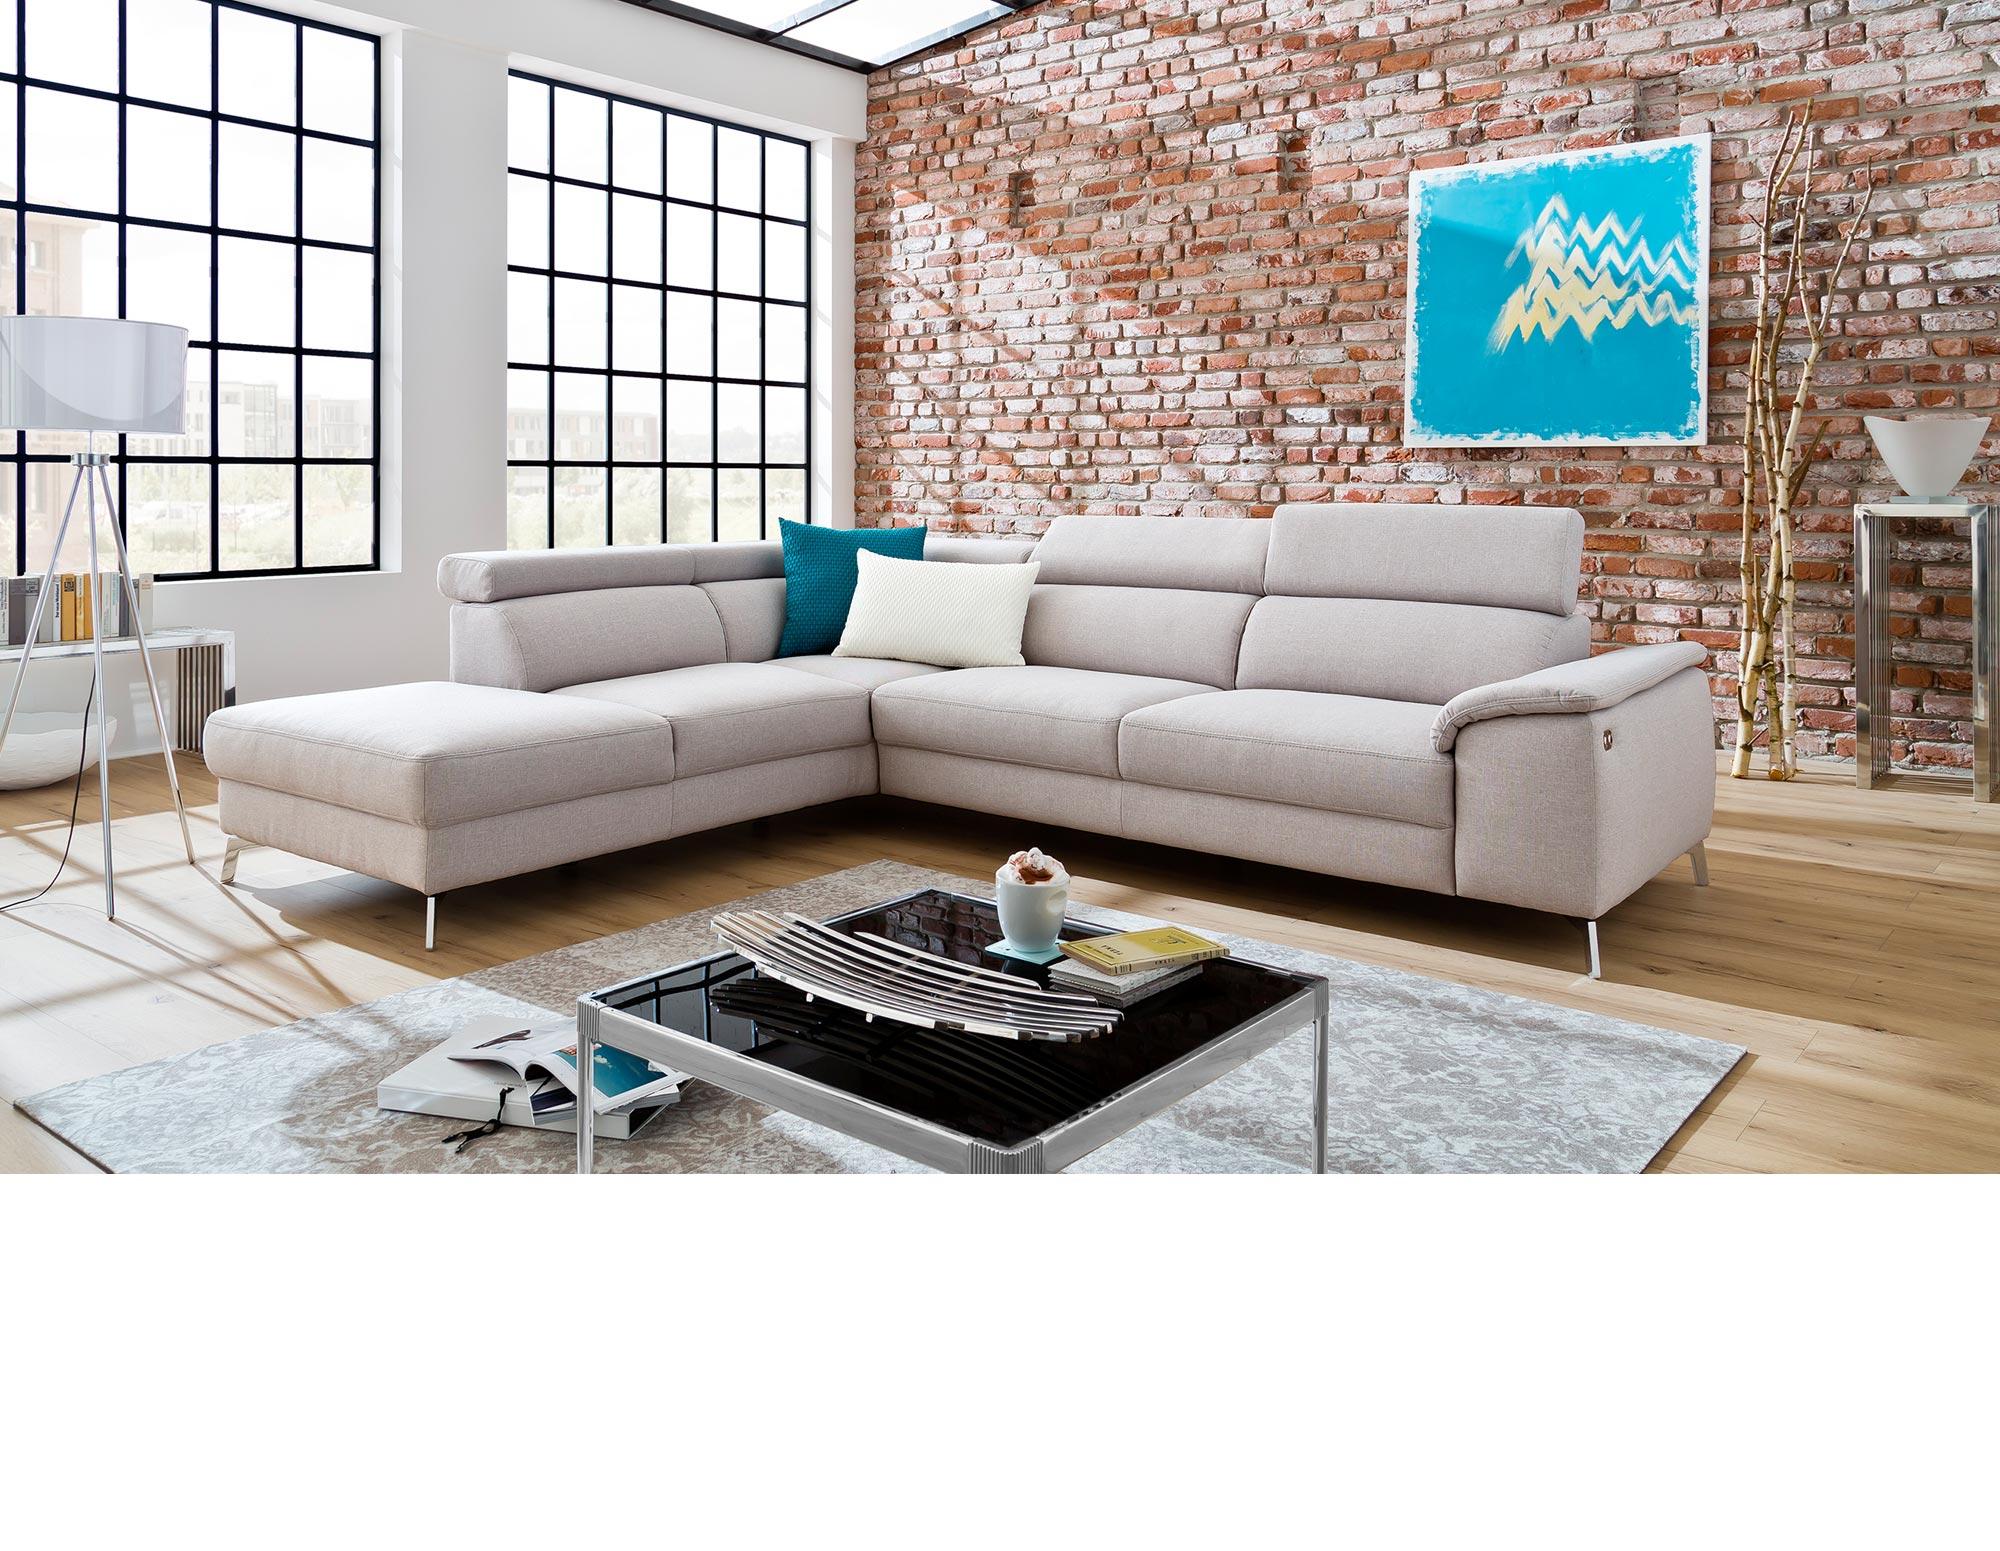 impressum m bel b cker gmbh. Black Bedroom Furniture Sets. Home Design Ideas